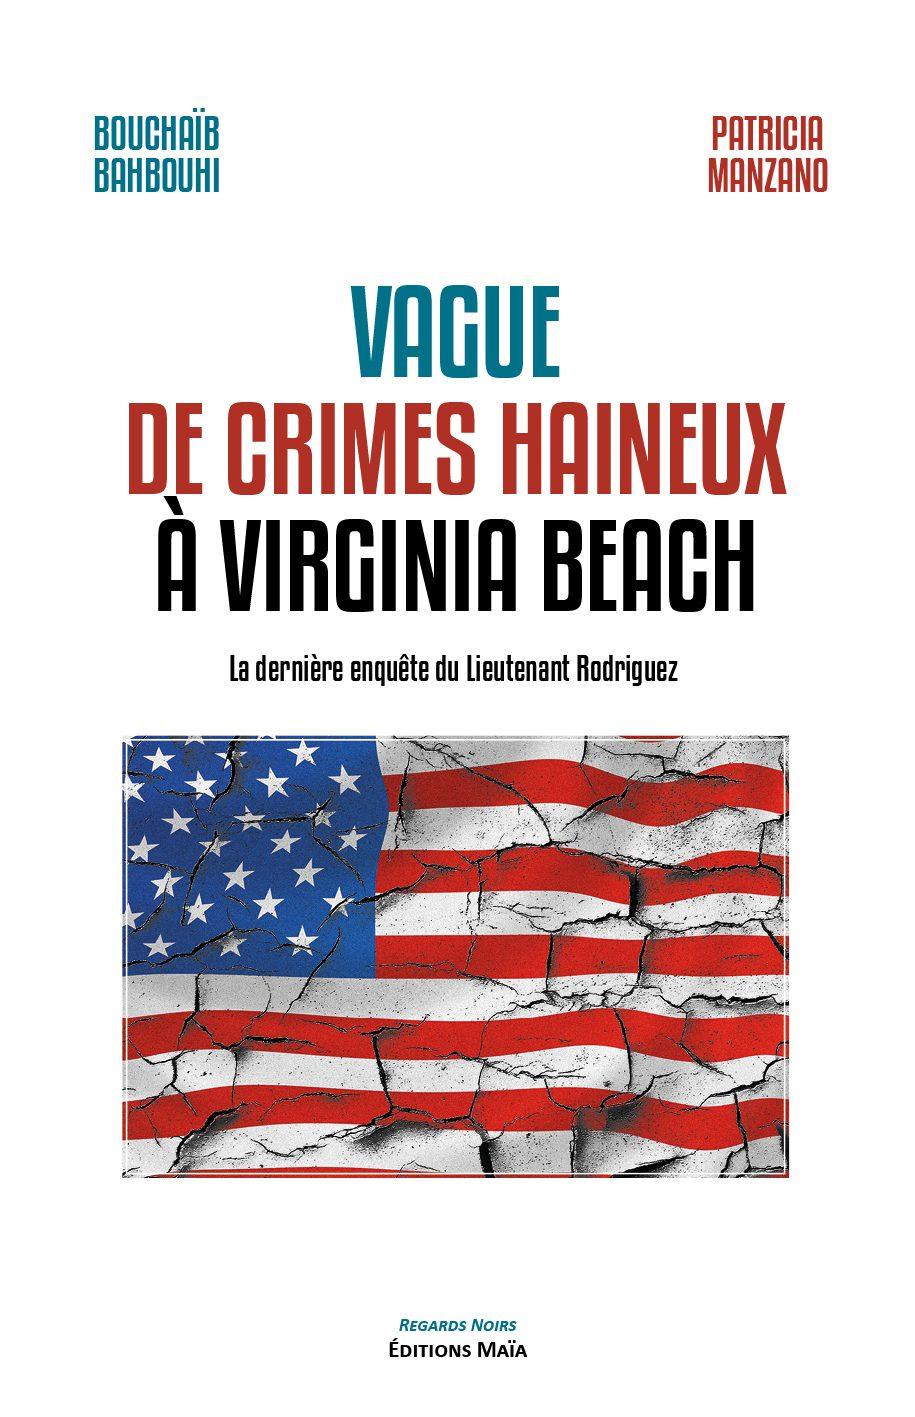 Entretien avec Bouchaïb Bahbouhi & Patricia Manzano – Vague de crimes haineux à Virginia Beach